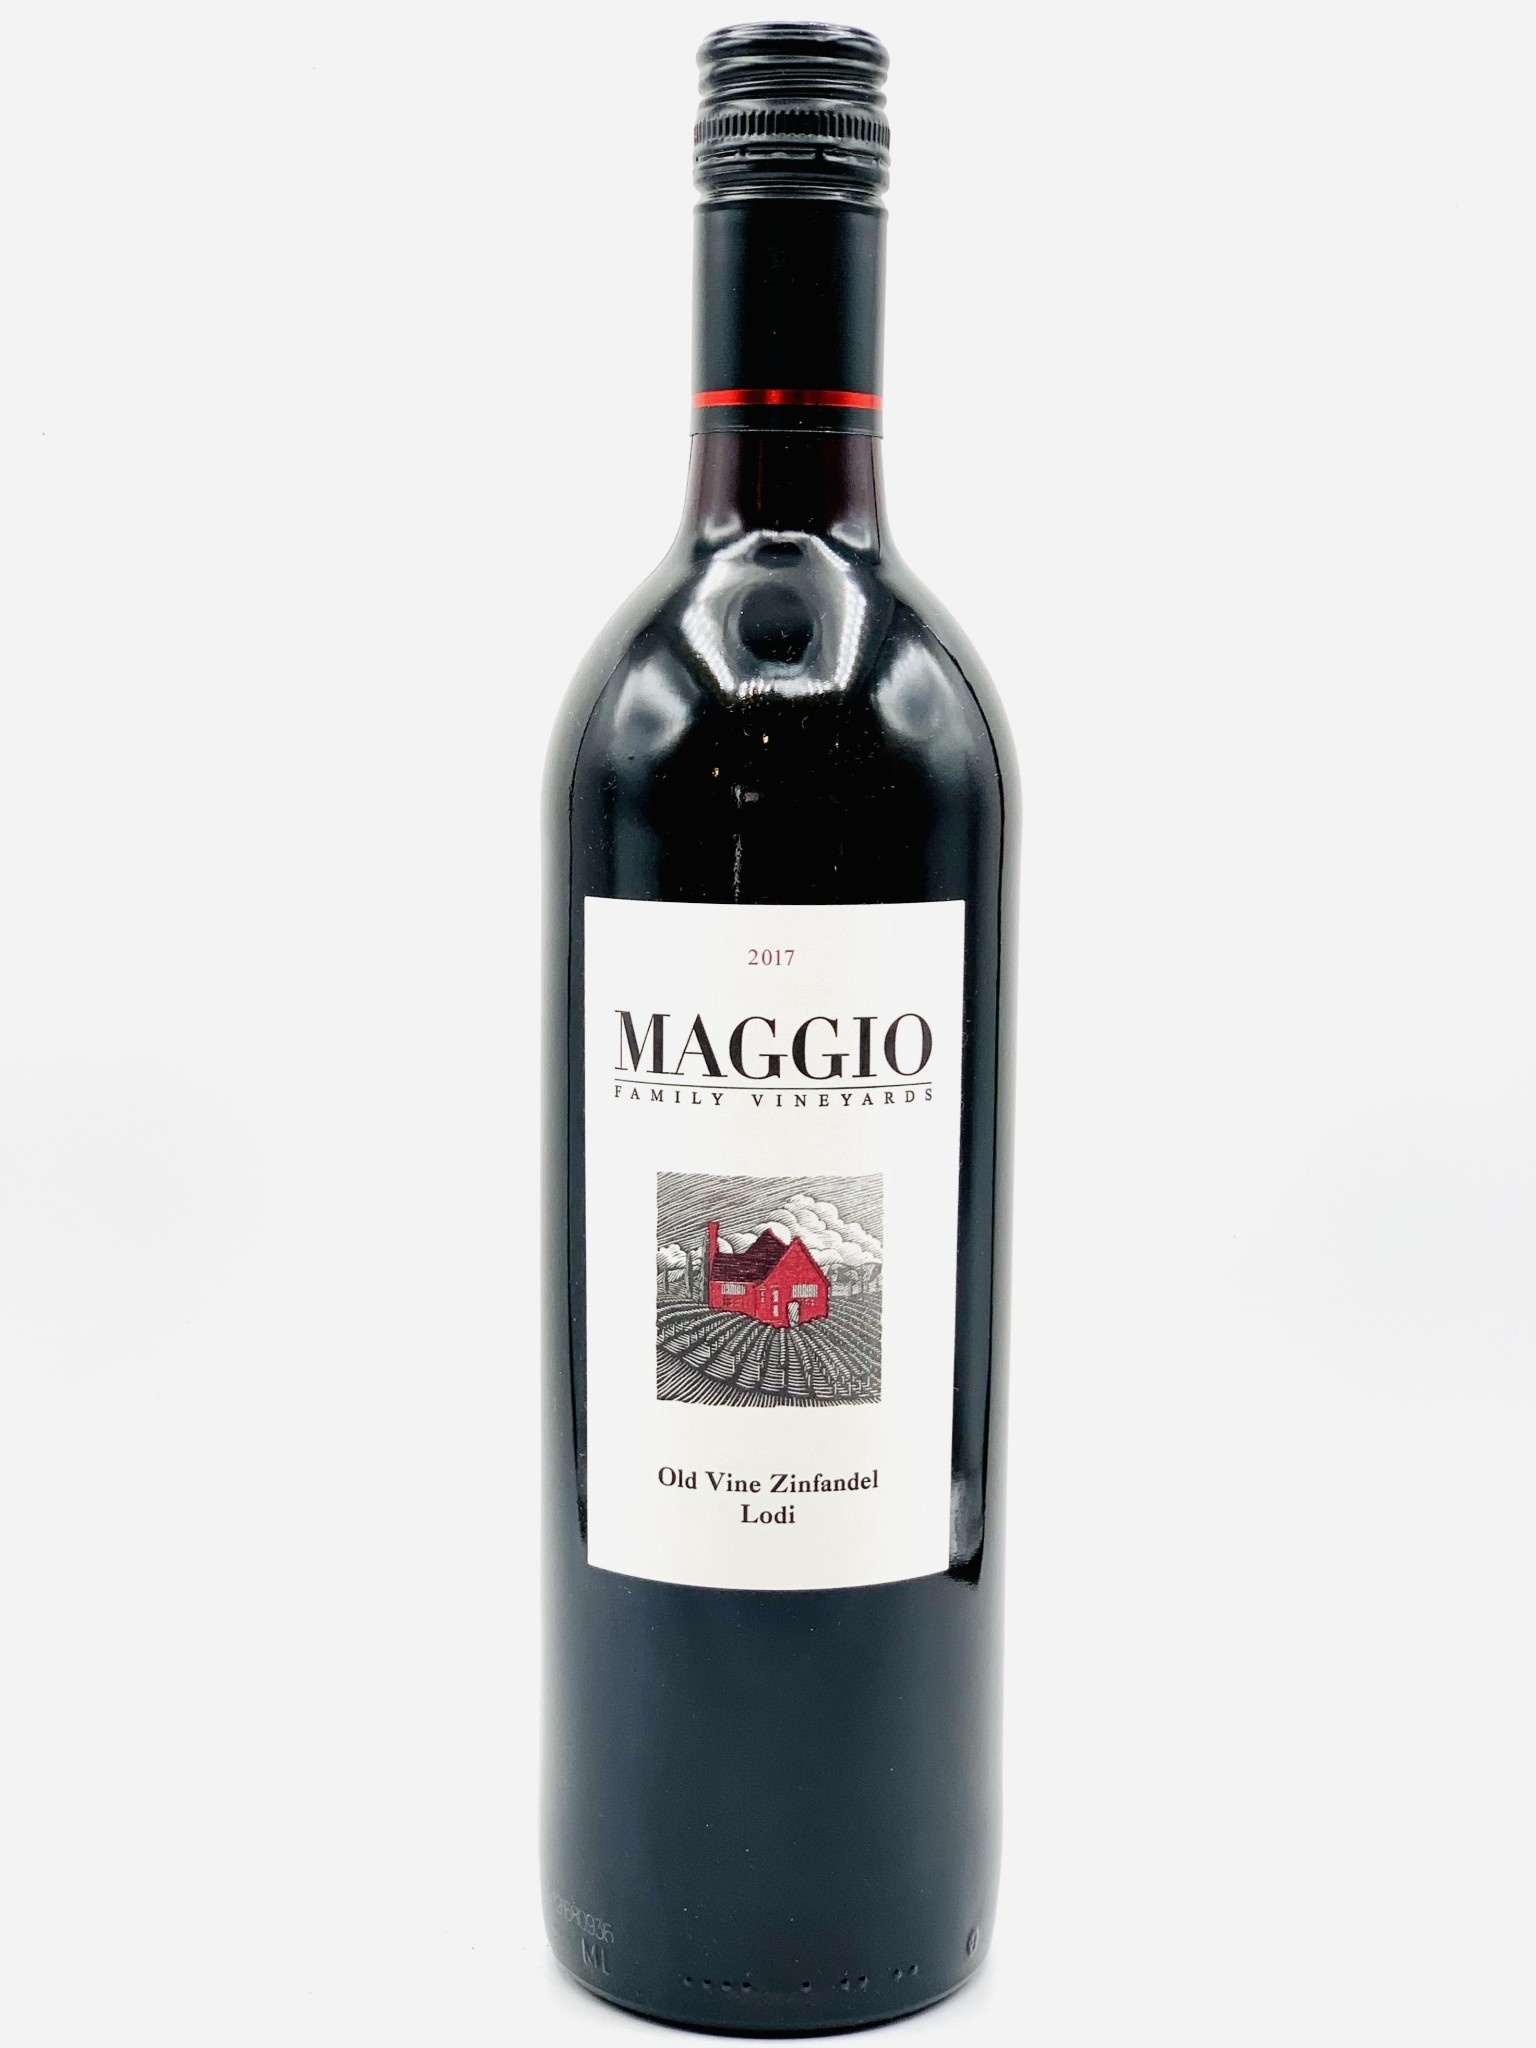 Lodi Old Vine Zinfandel 2017 Maggio Family Vineyards 750ml